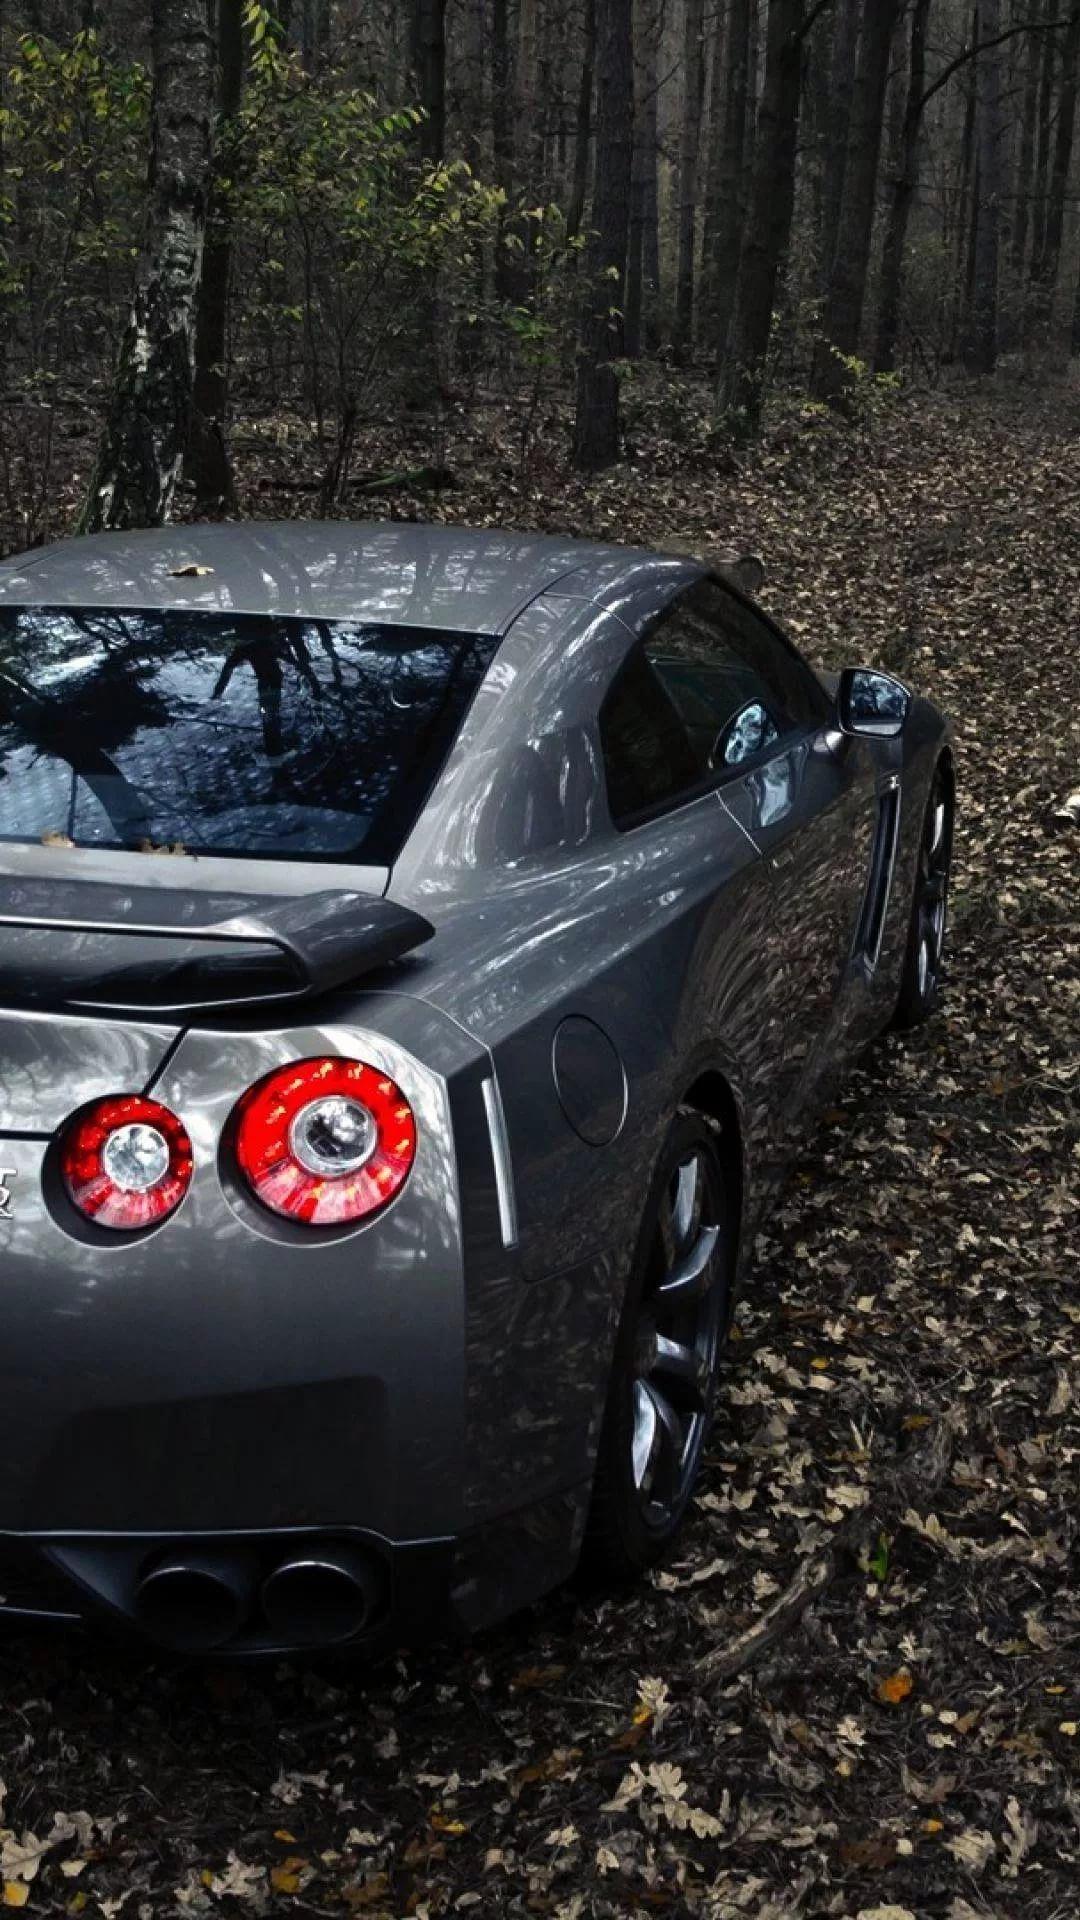 Nissan Gtr iPhone hd wallpaper